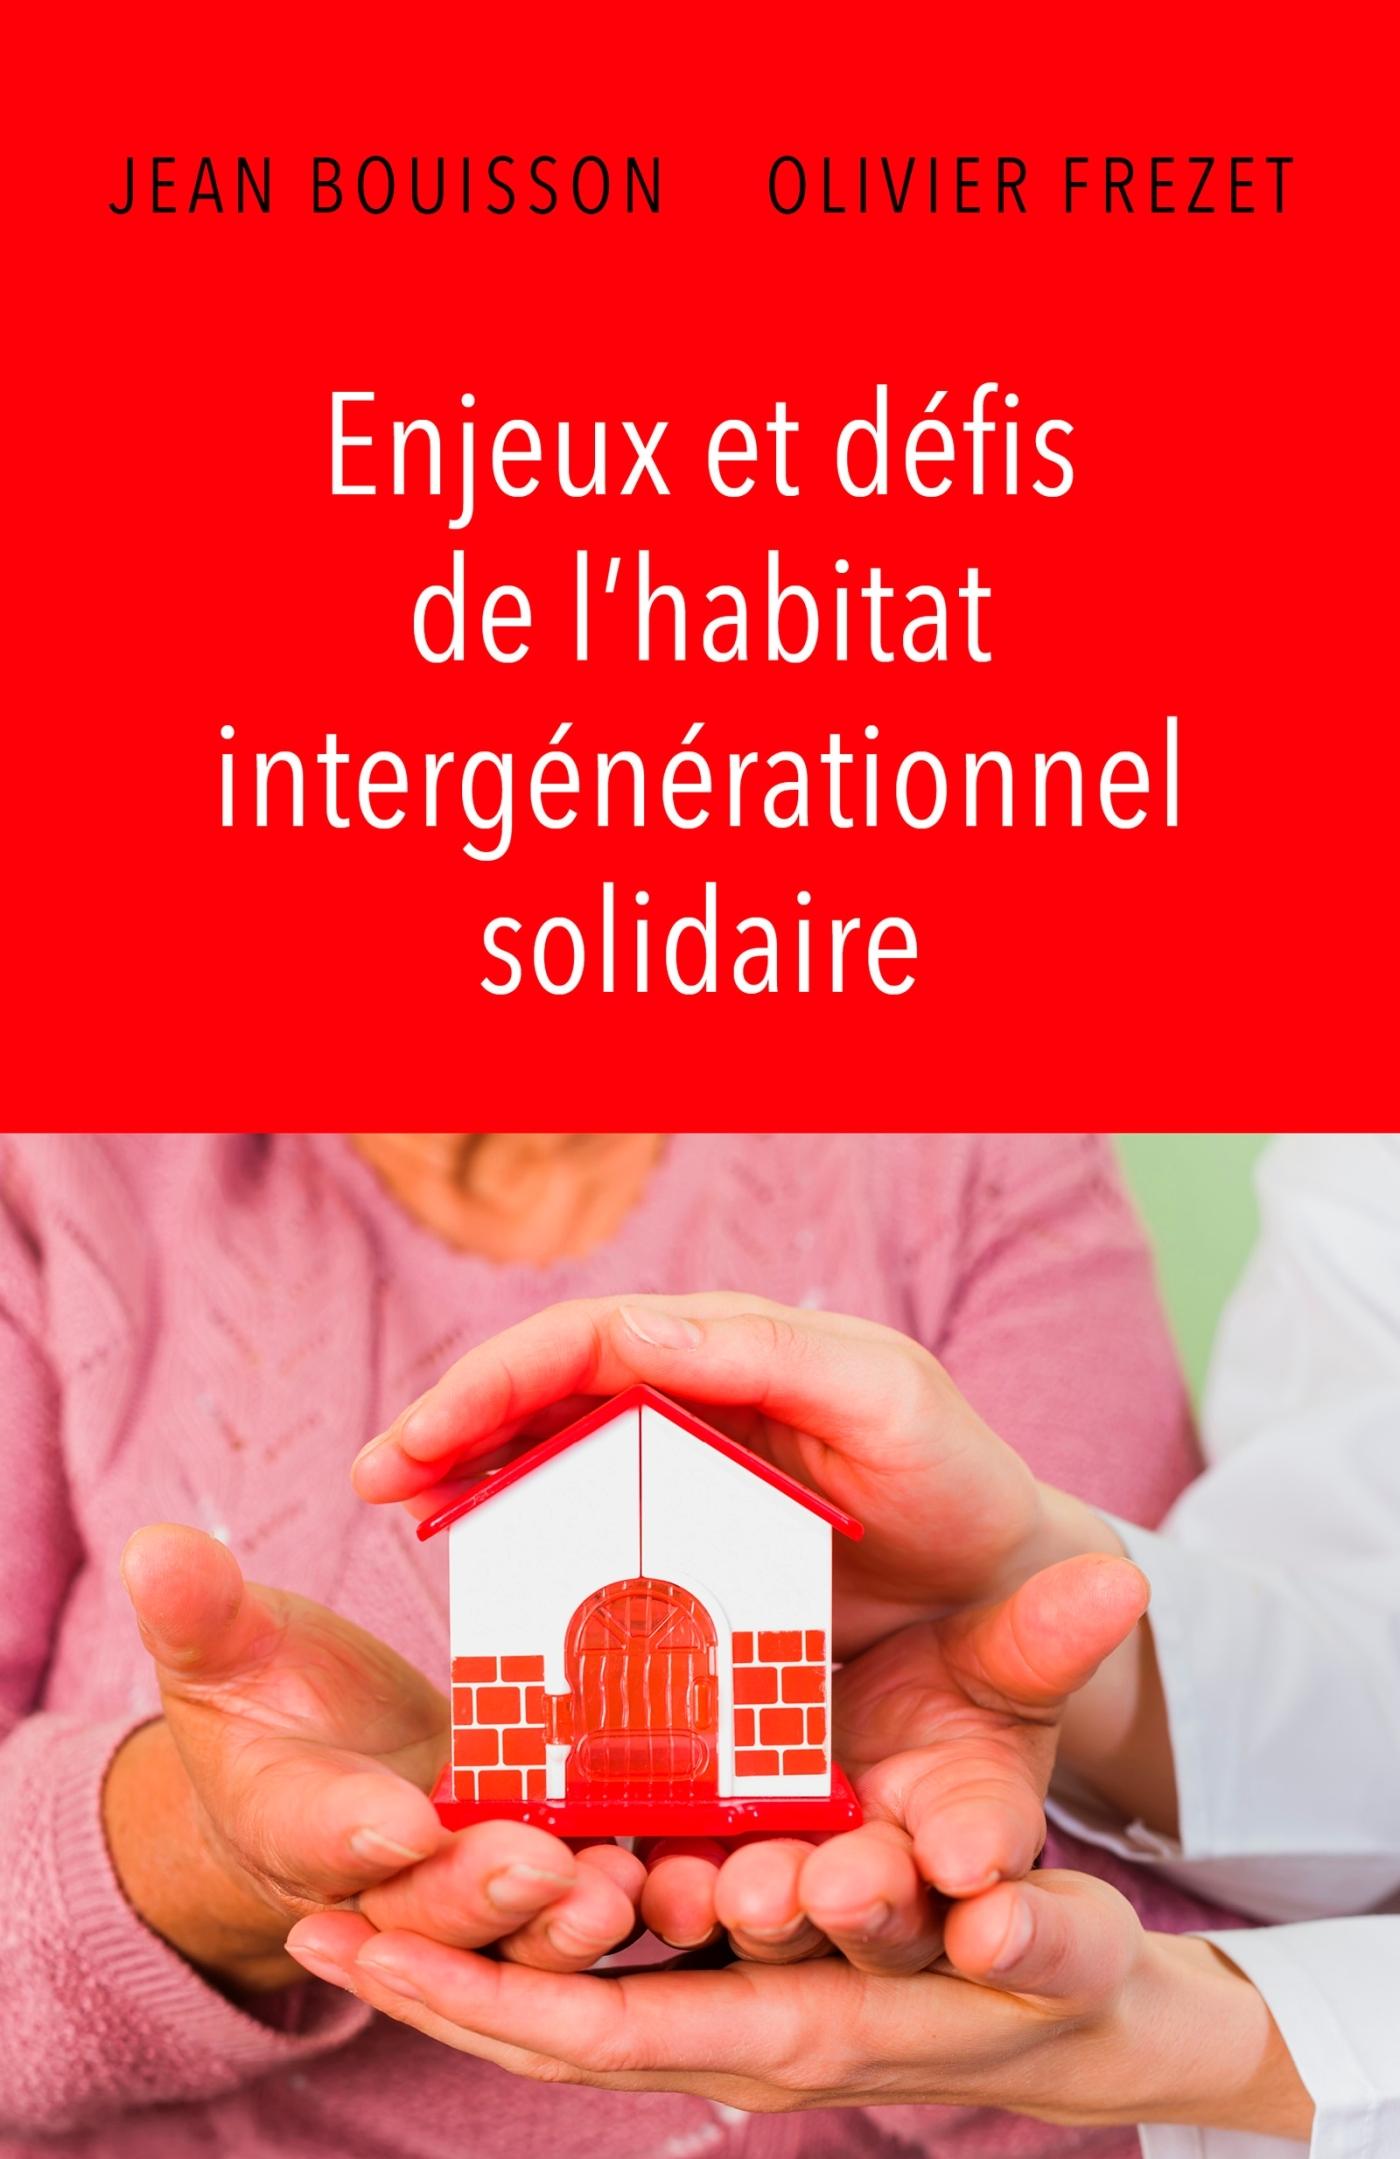 ENJEUX ET DEFIS DE L'HABITAT INTERGENERATIONNEL SOLIDAIRE